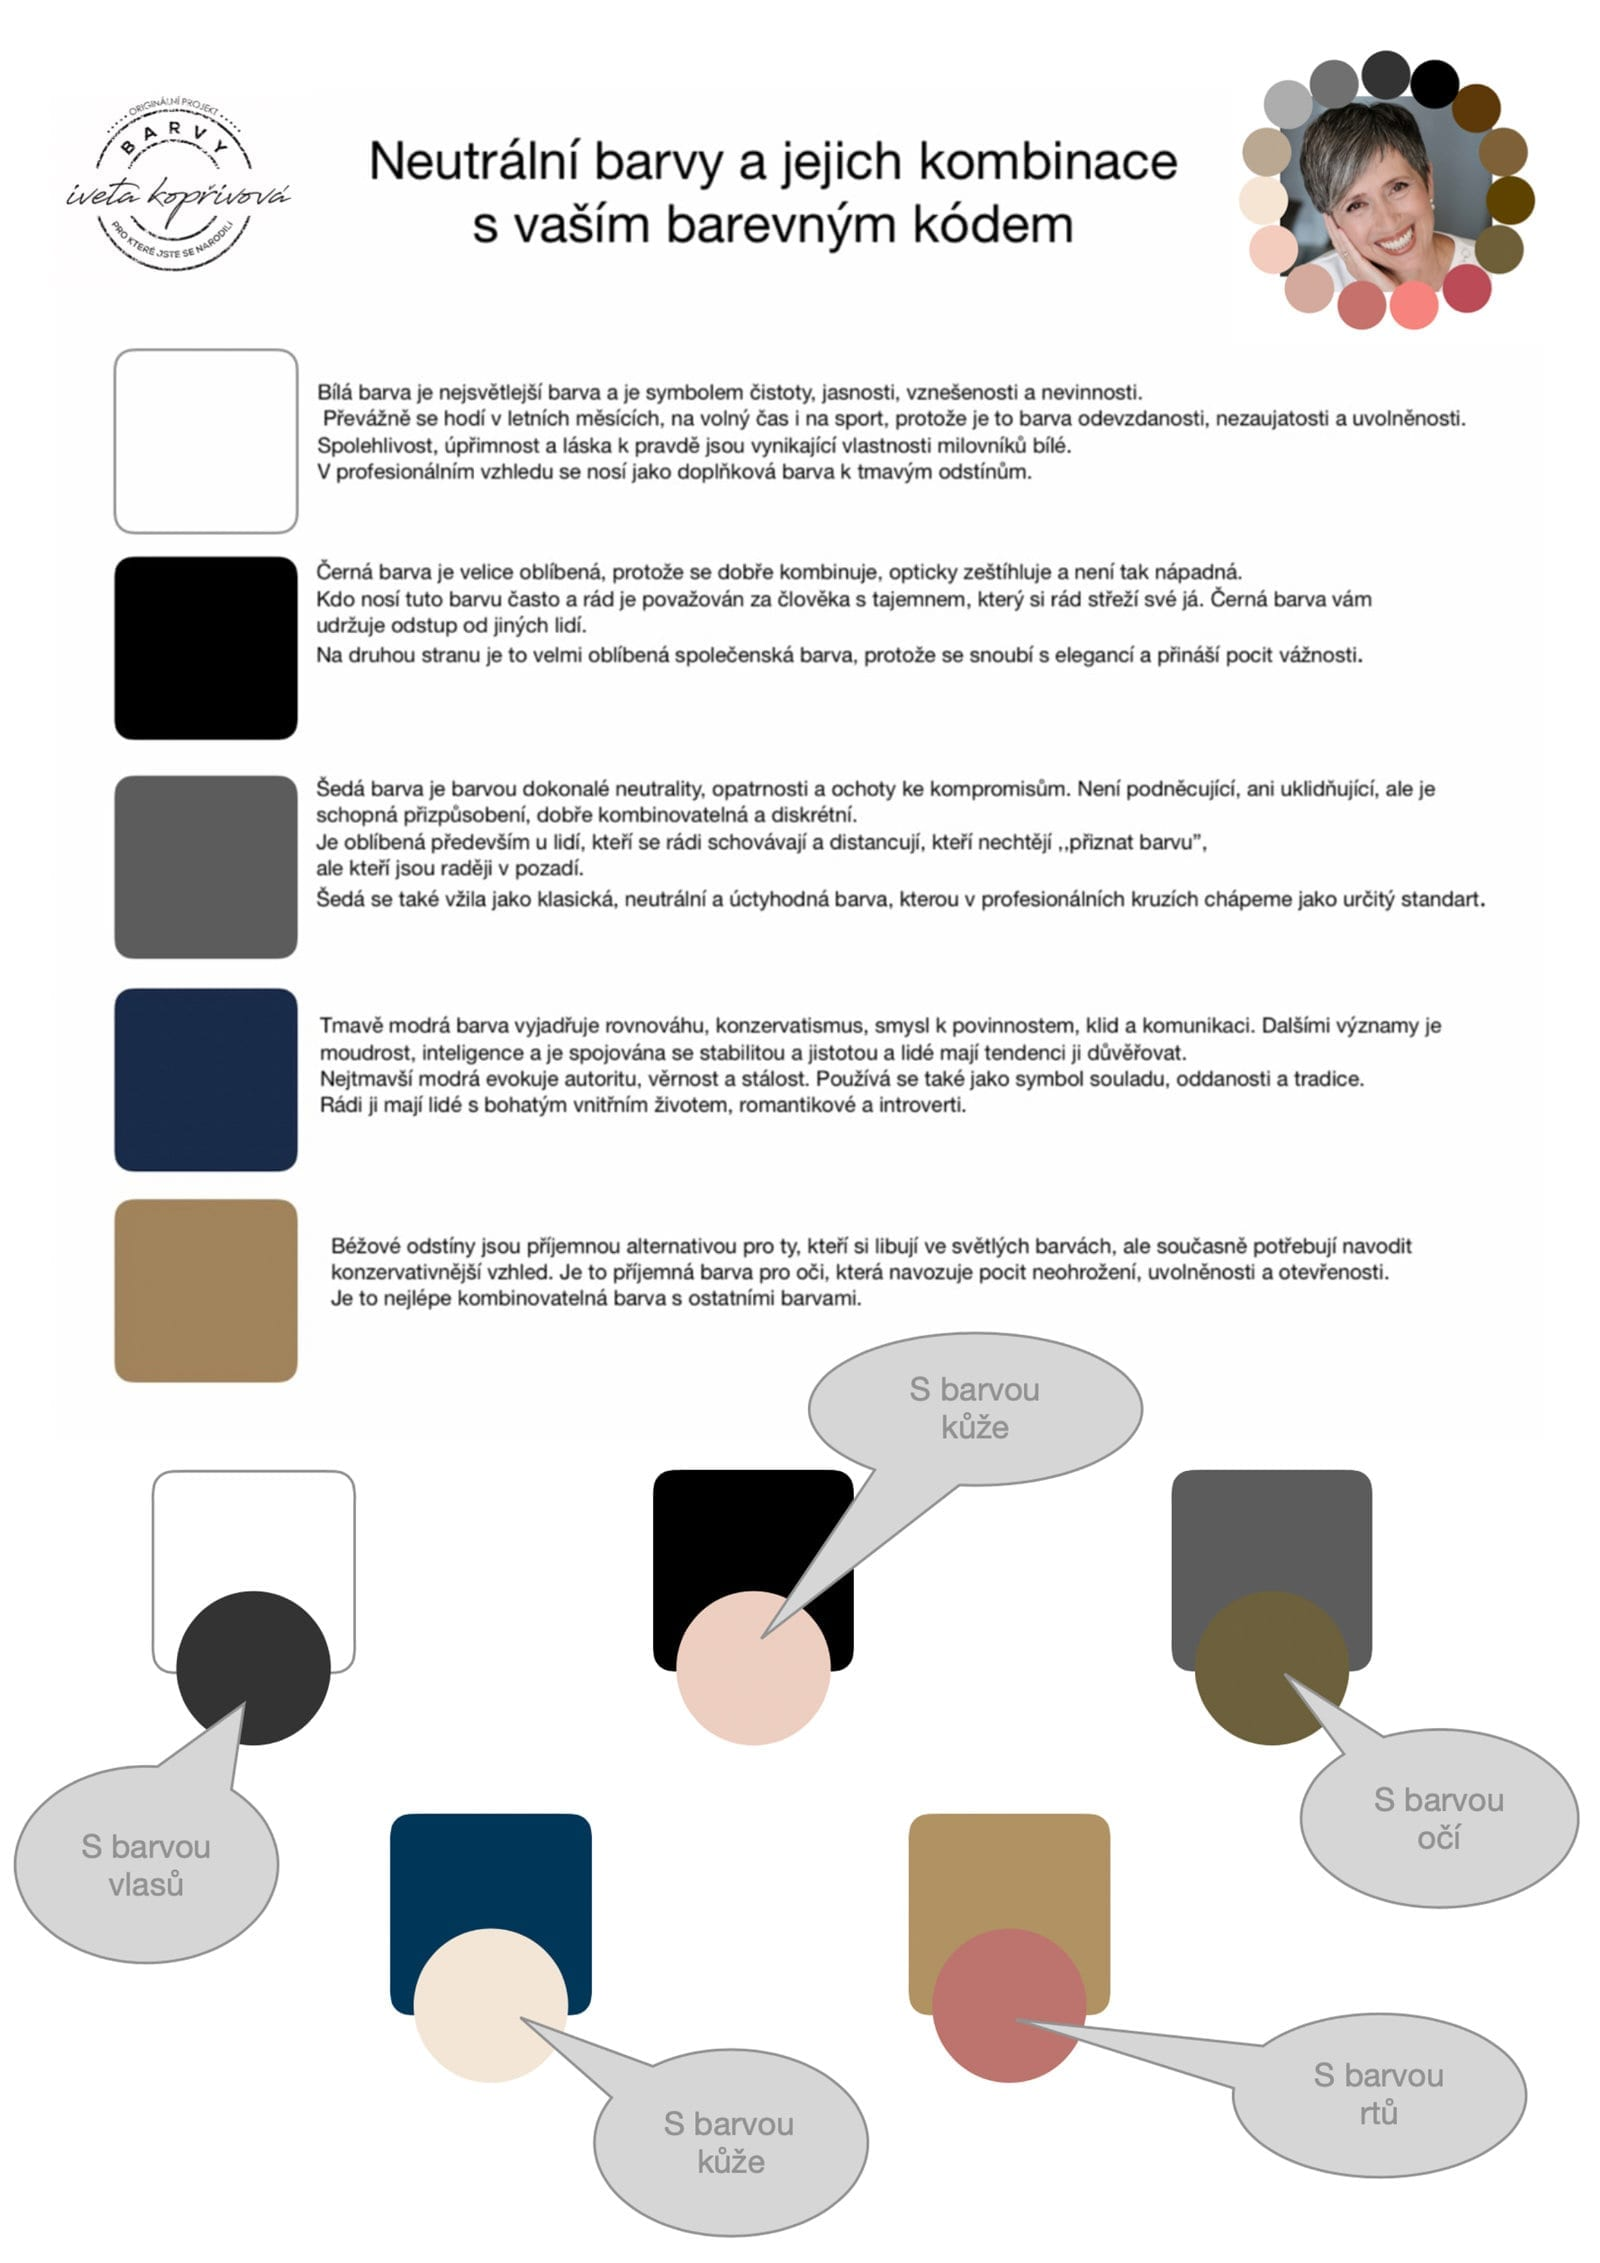 neutralni barvy a kombinace s vasim barevnym kodem